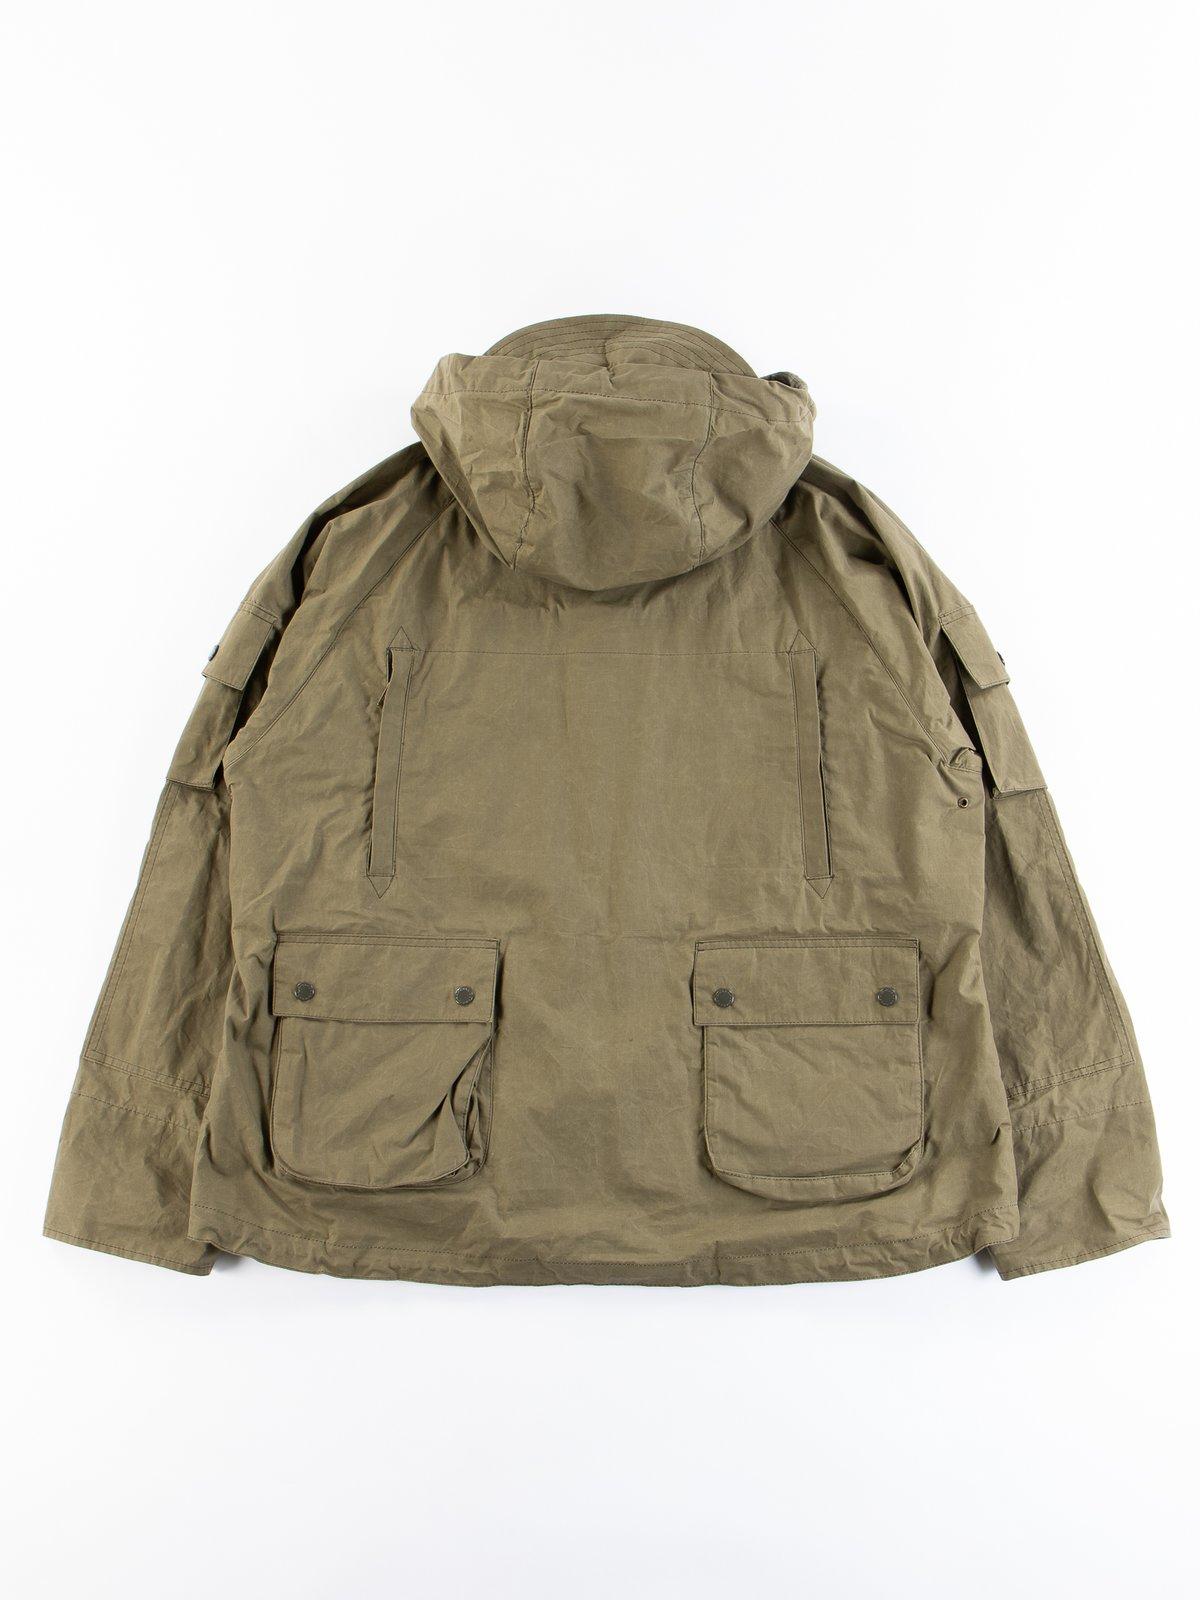 Olive Thompson Jacket - Image 6